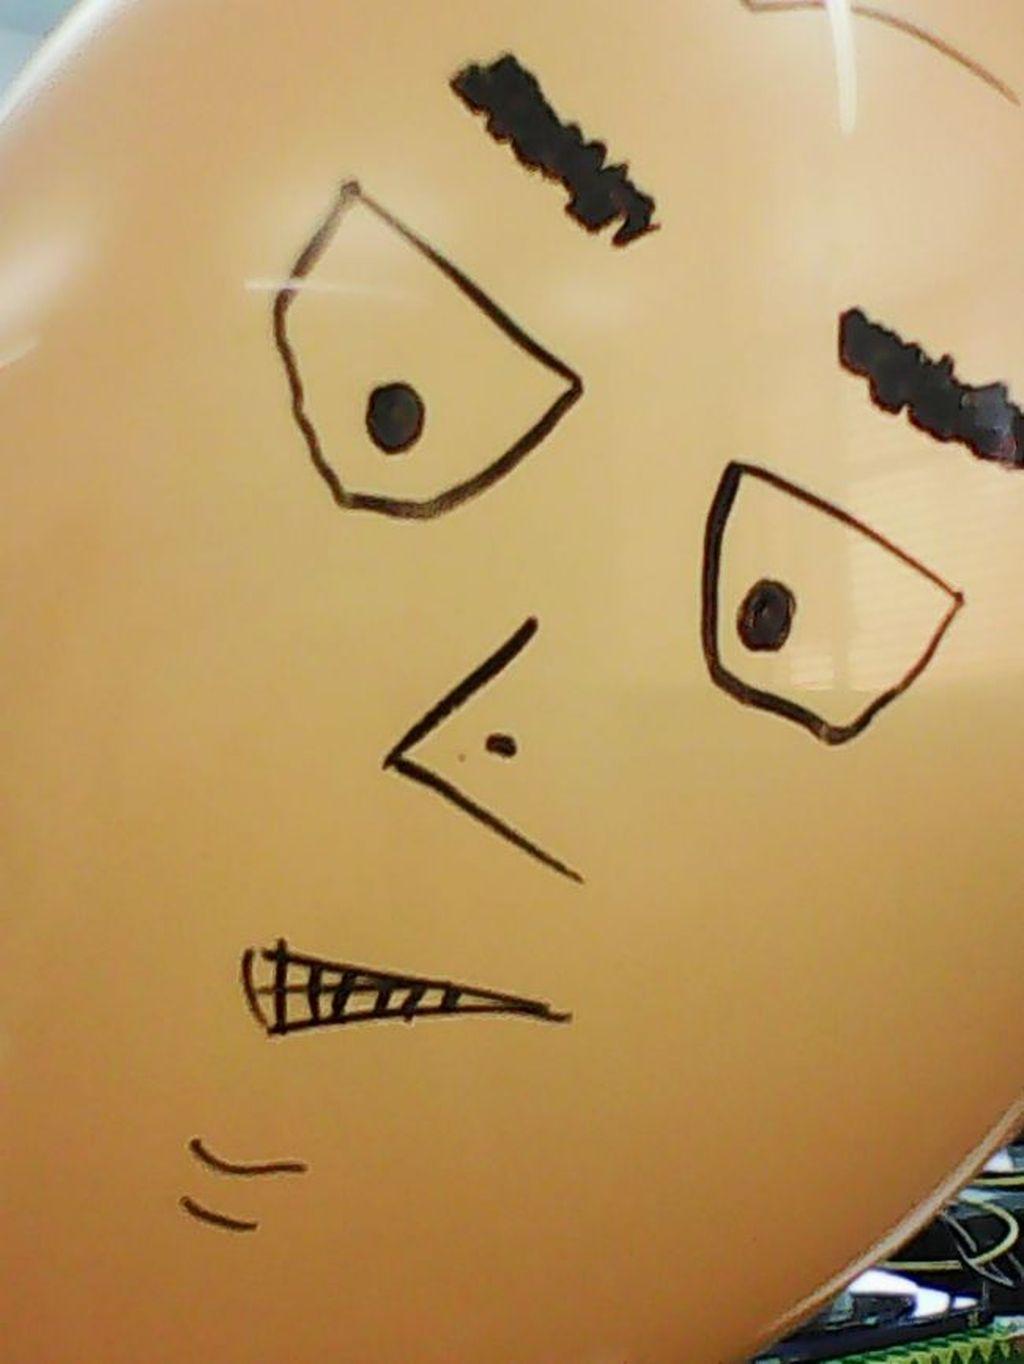 Pada aslinya foto balon ini memiliki warna oranye yang terang. (Foto: Dok. Techradar)